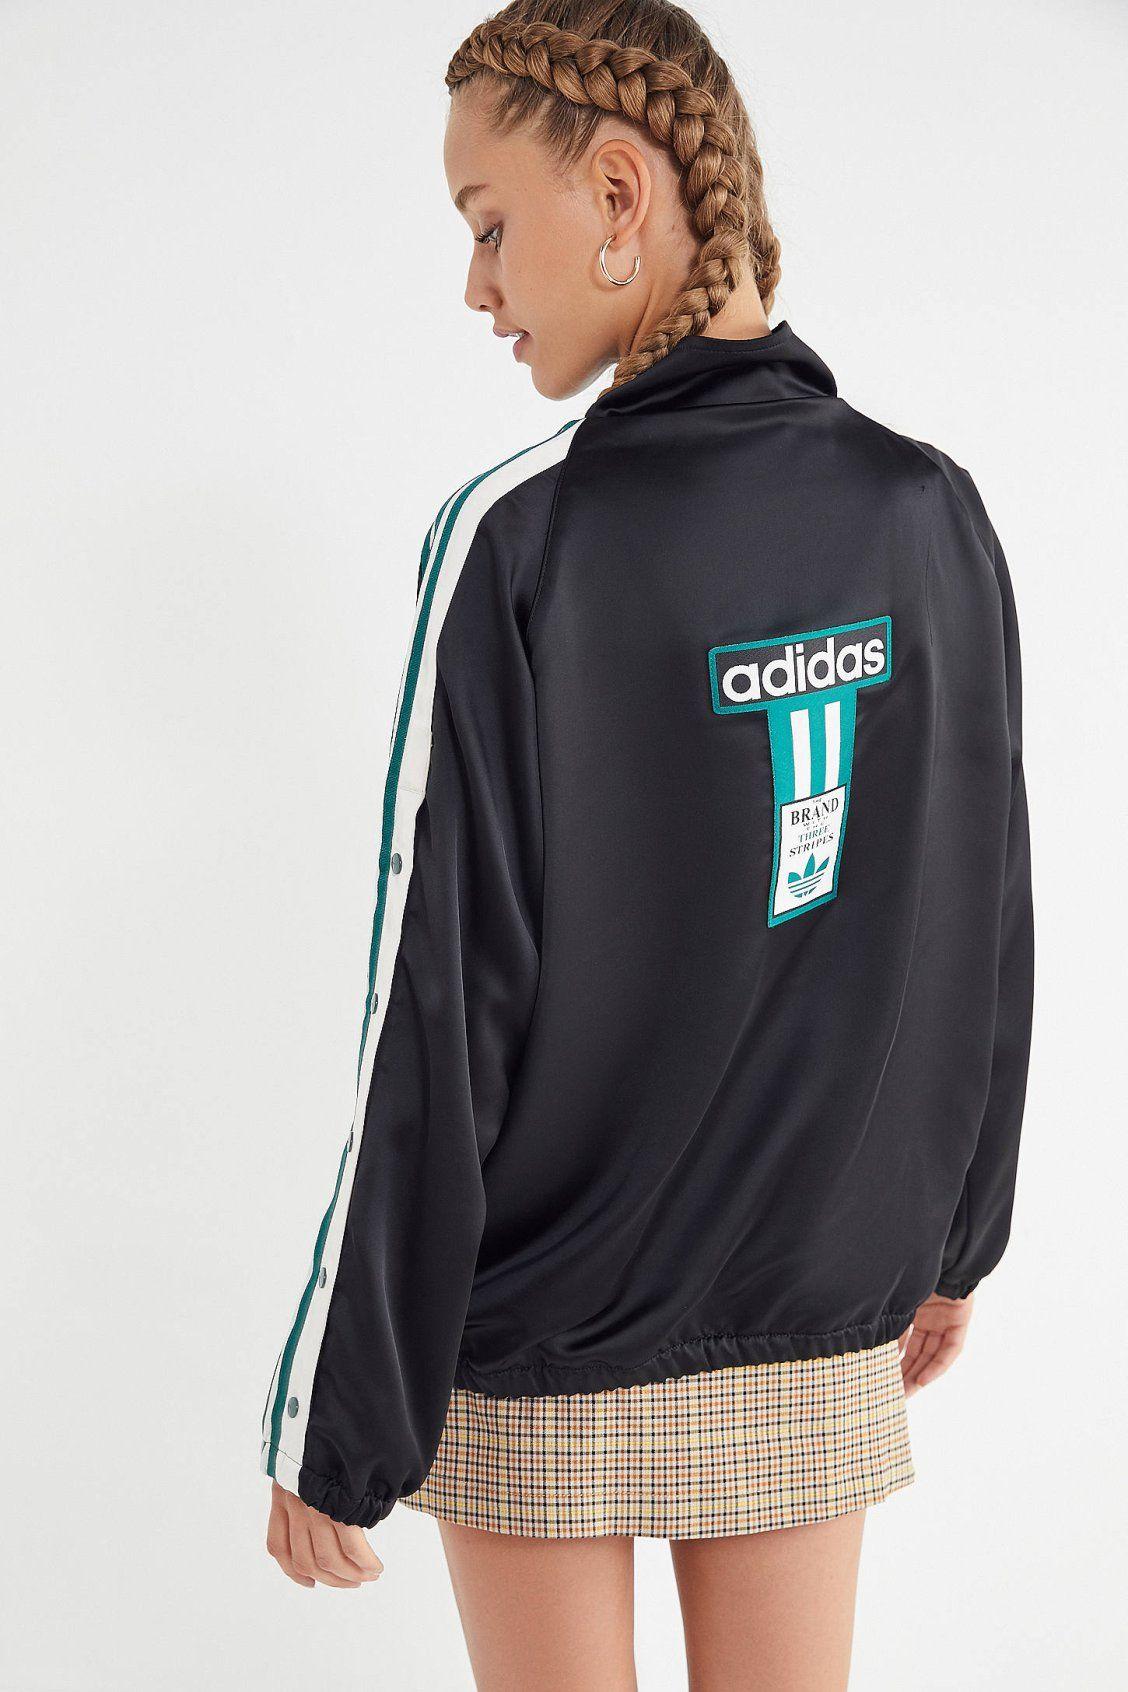 dc8bed0809fb2 adidas Originals Adibreak Satin Track Jacket | New Arrivals | Adidas ...